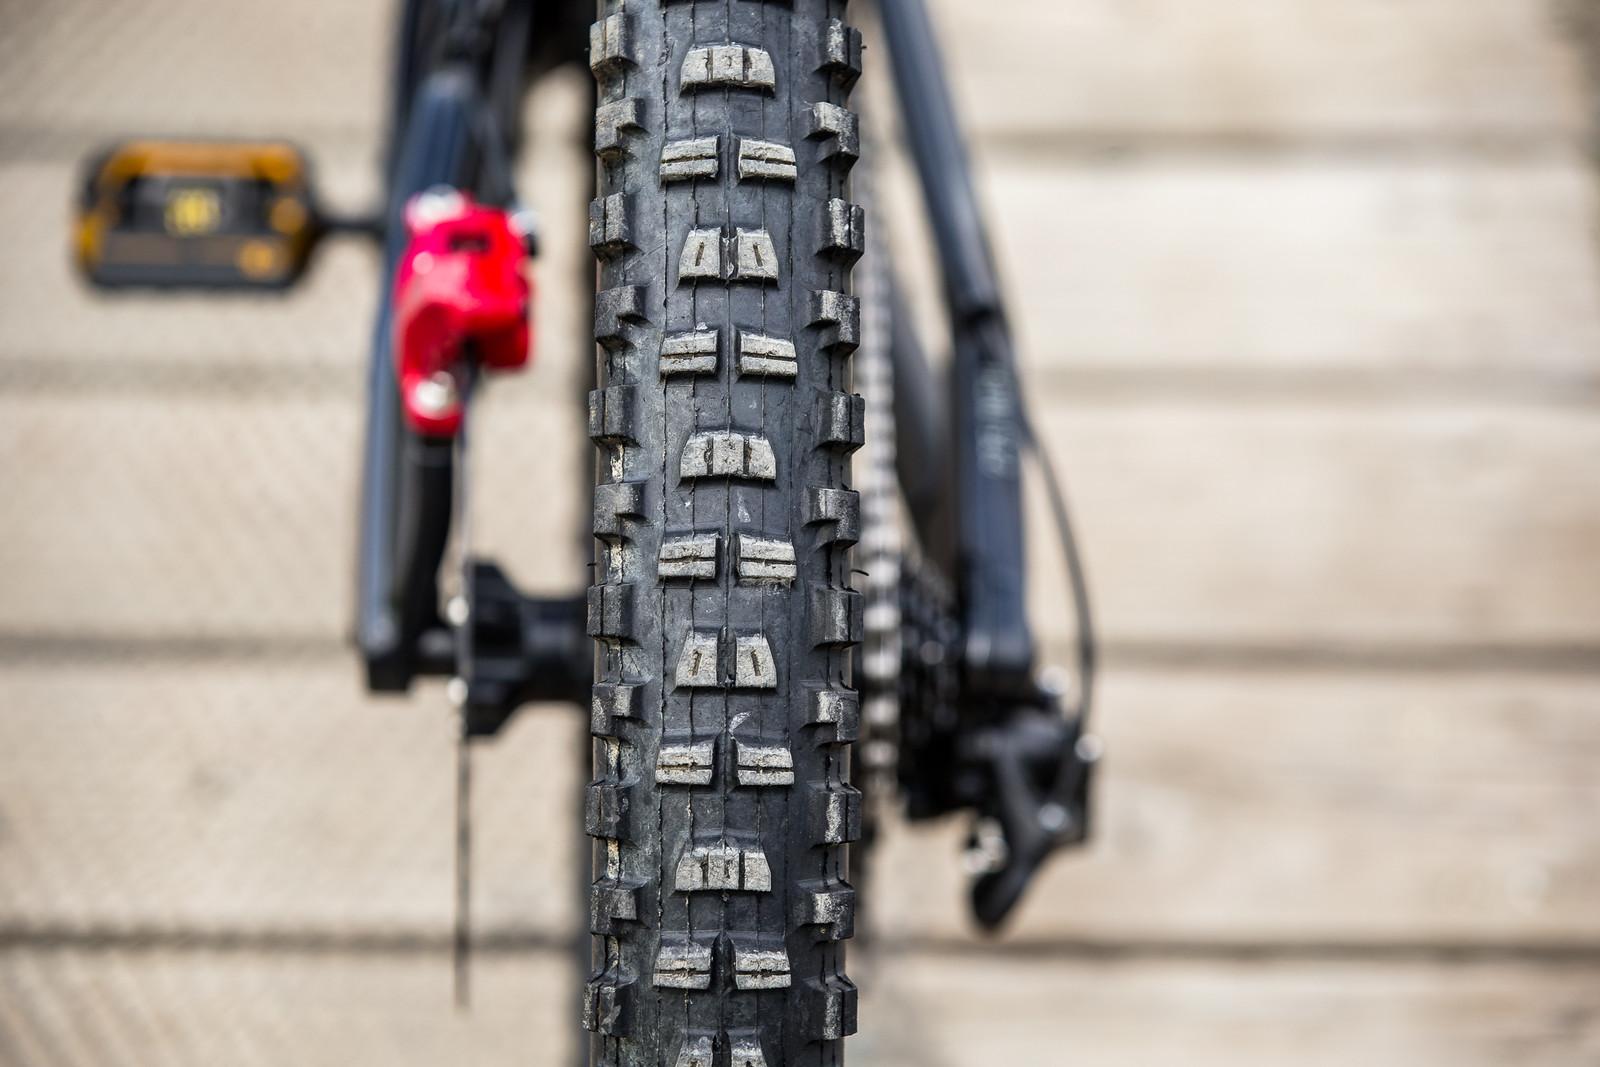 Maxxis Minion DHR II Rear Tire - WINNING BIKE - Vali Höll's YT TUES - Mountain Biking Pictures - Vital MTB